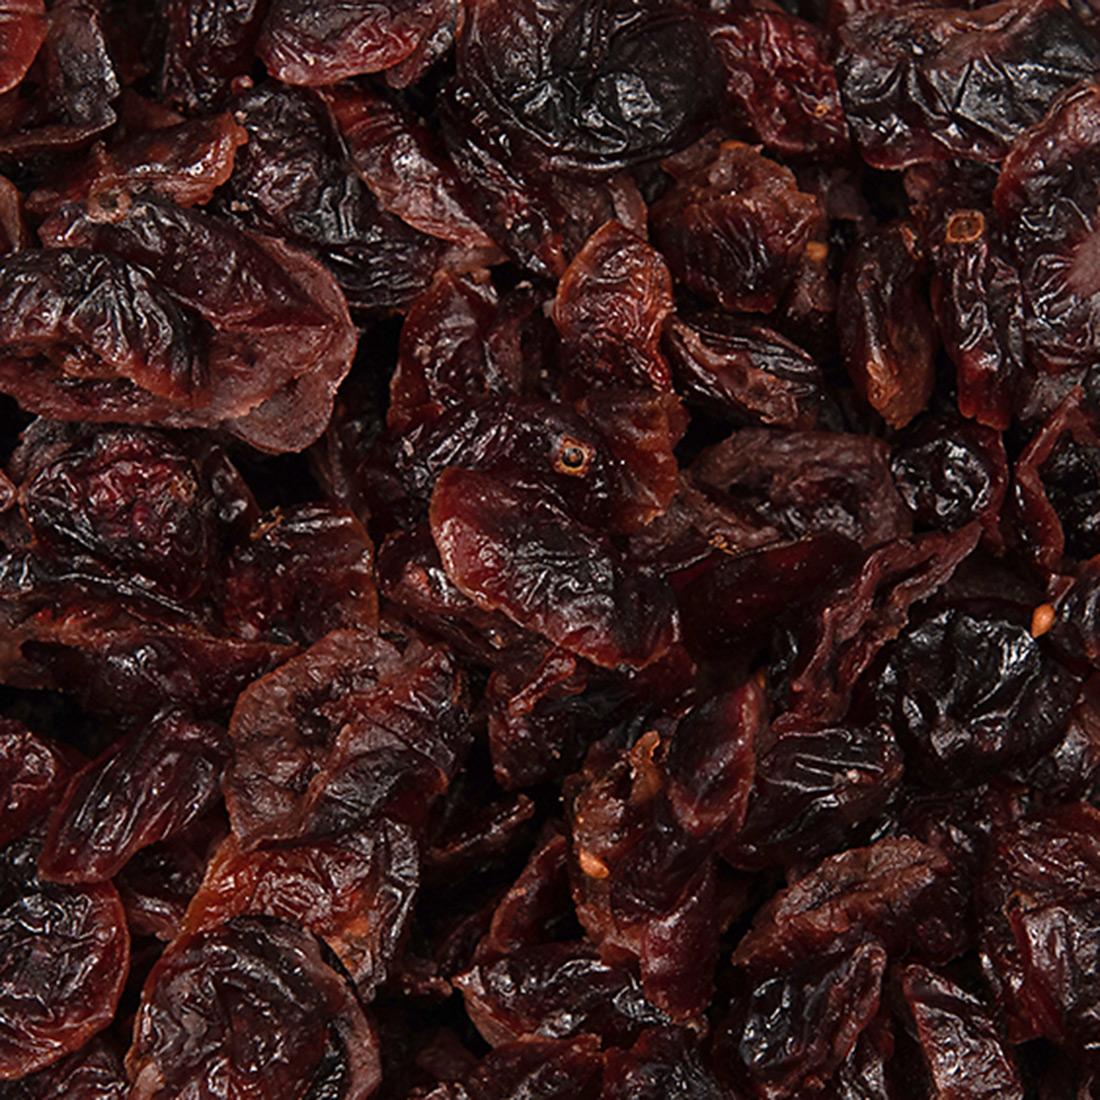 Cranberries biologisch